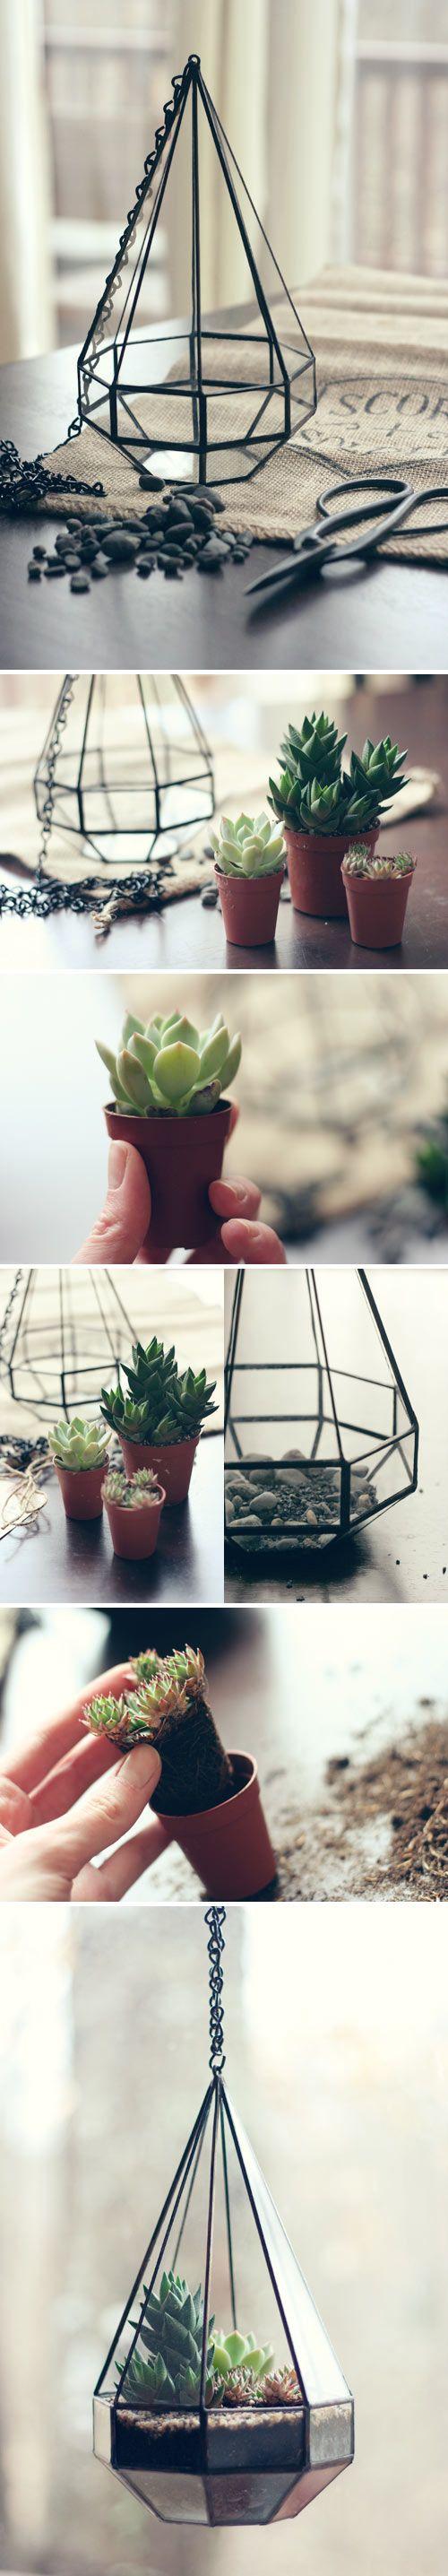 Terrários são miniflorestas dentro de um vaso <3 Veja como fazer um para a sua casa.